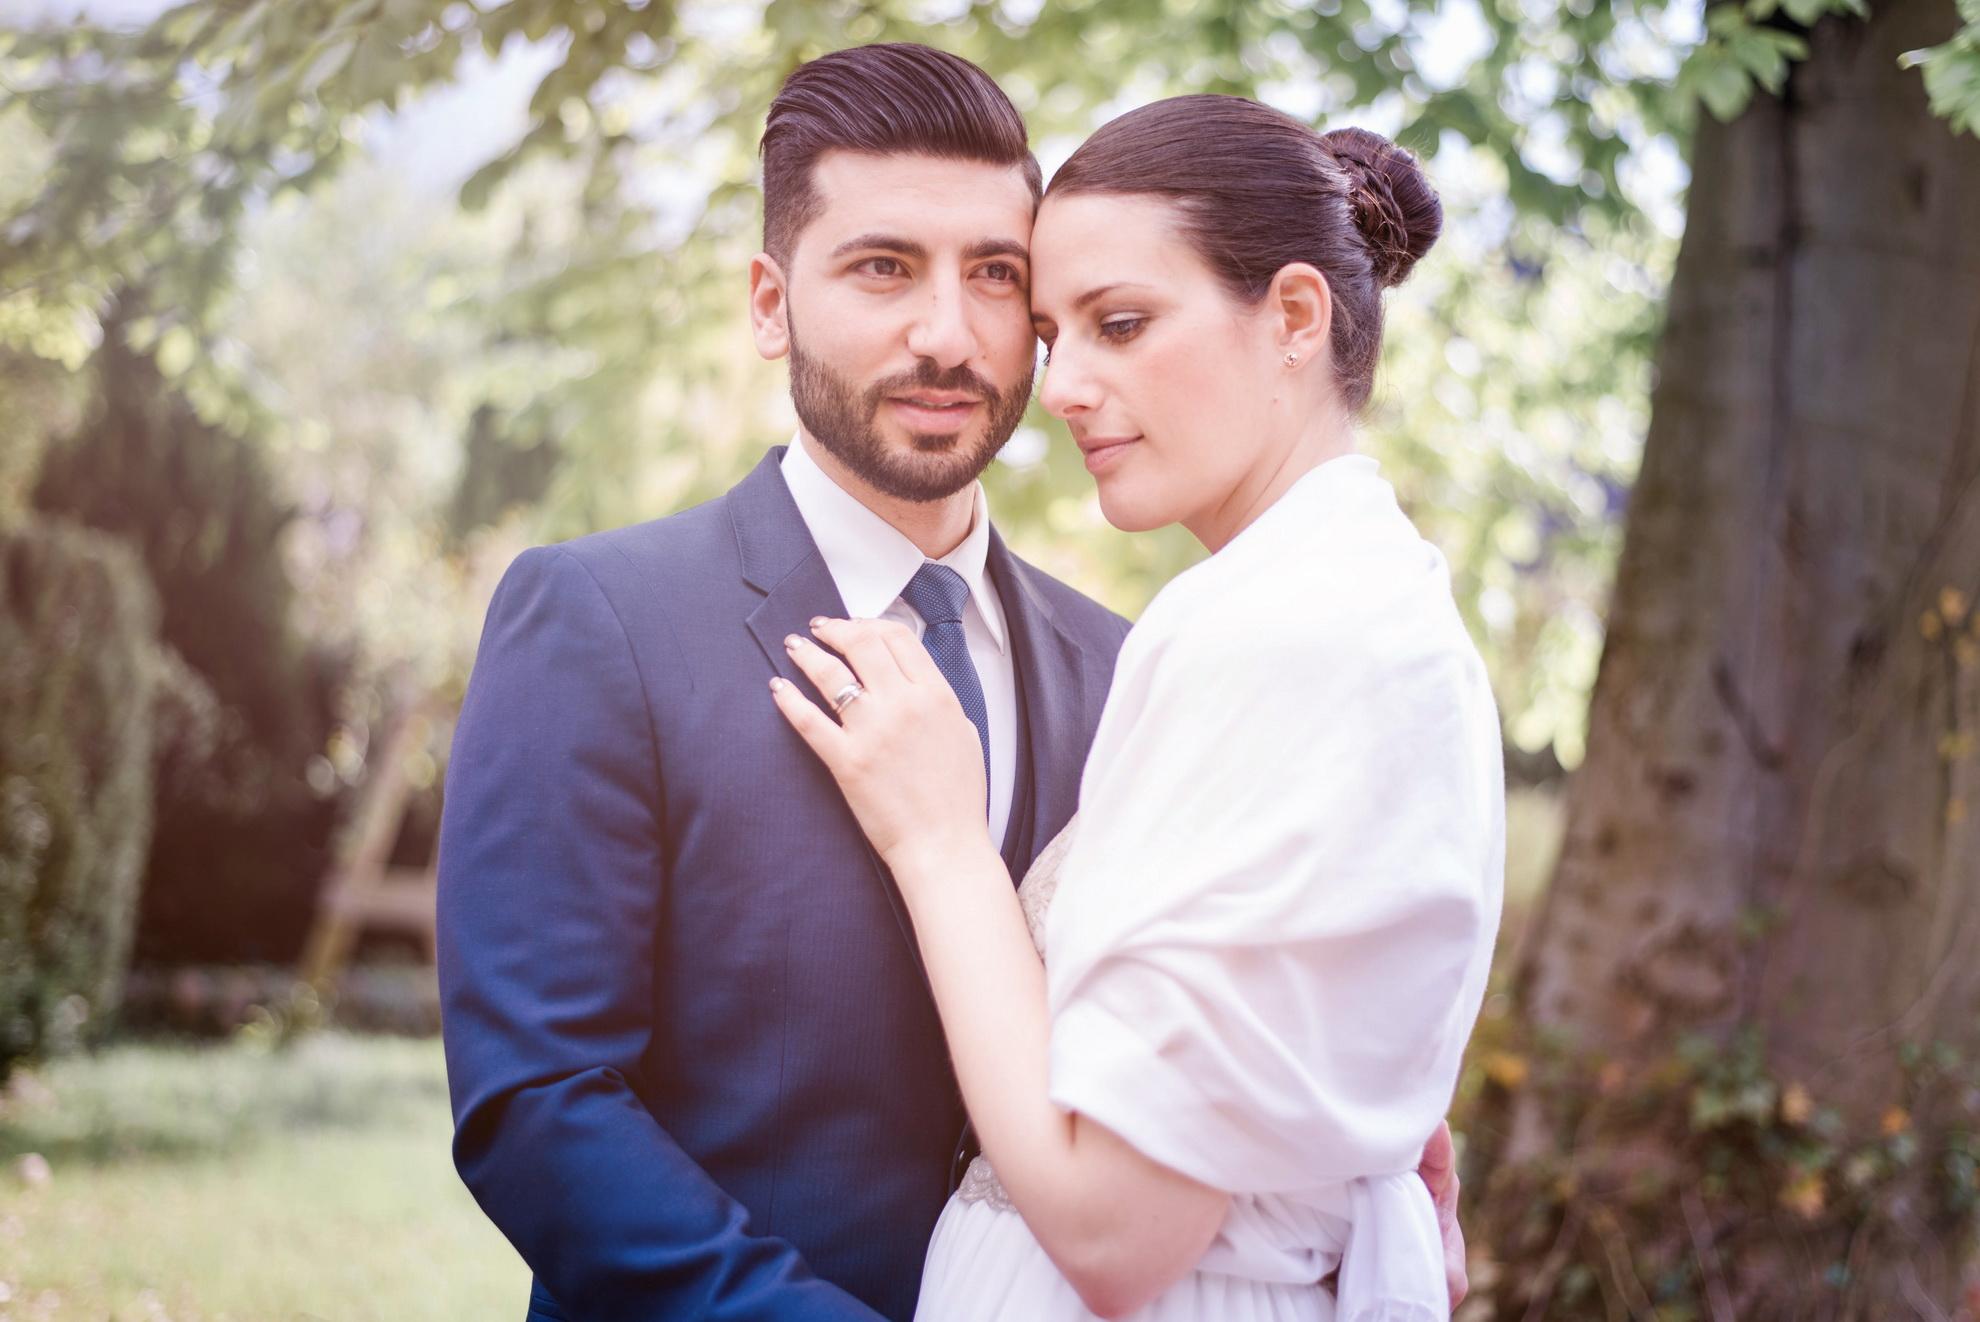 Lena und Bertan 36 Wedding Hochzeit Couple Paar Liebe Claudia Sittig Photography G1980-1322